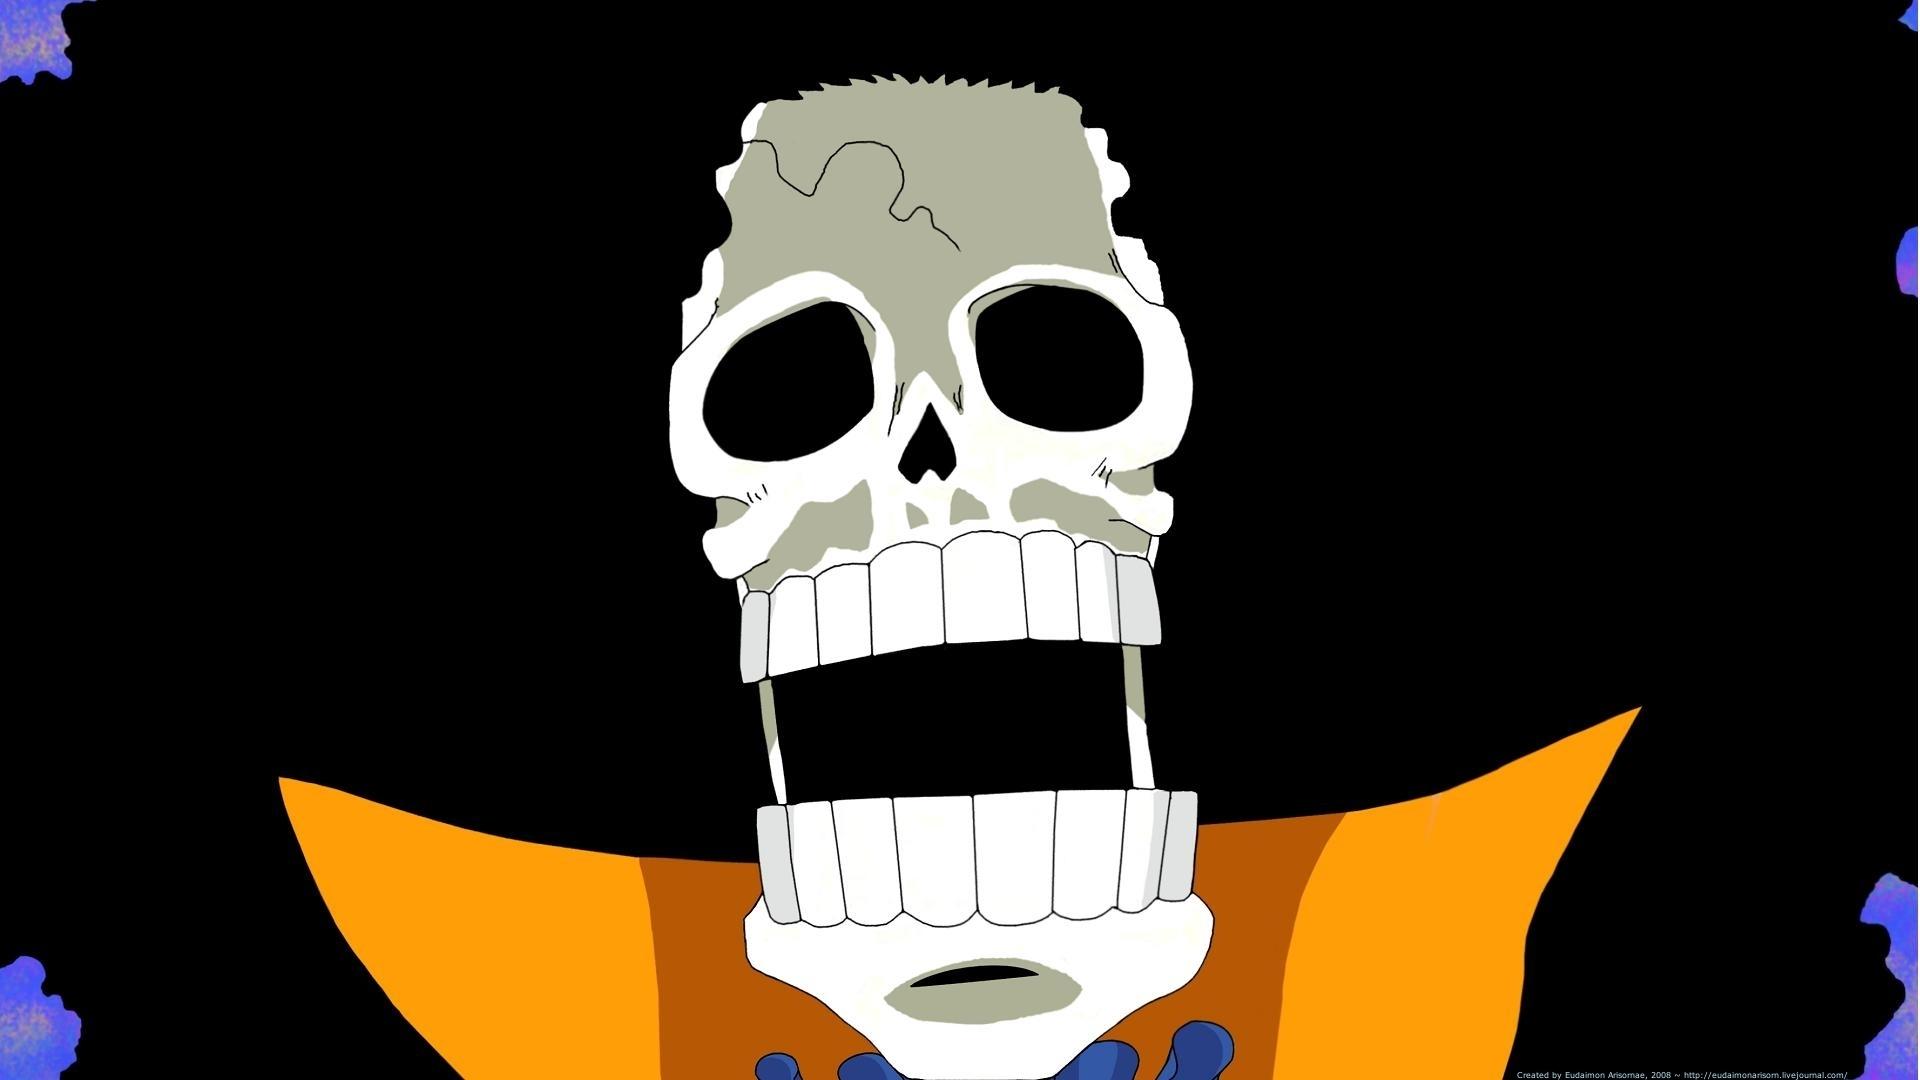 Brook   One Piece Wallpaper 7013689 1920x1080